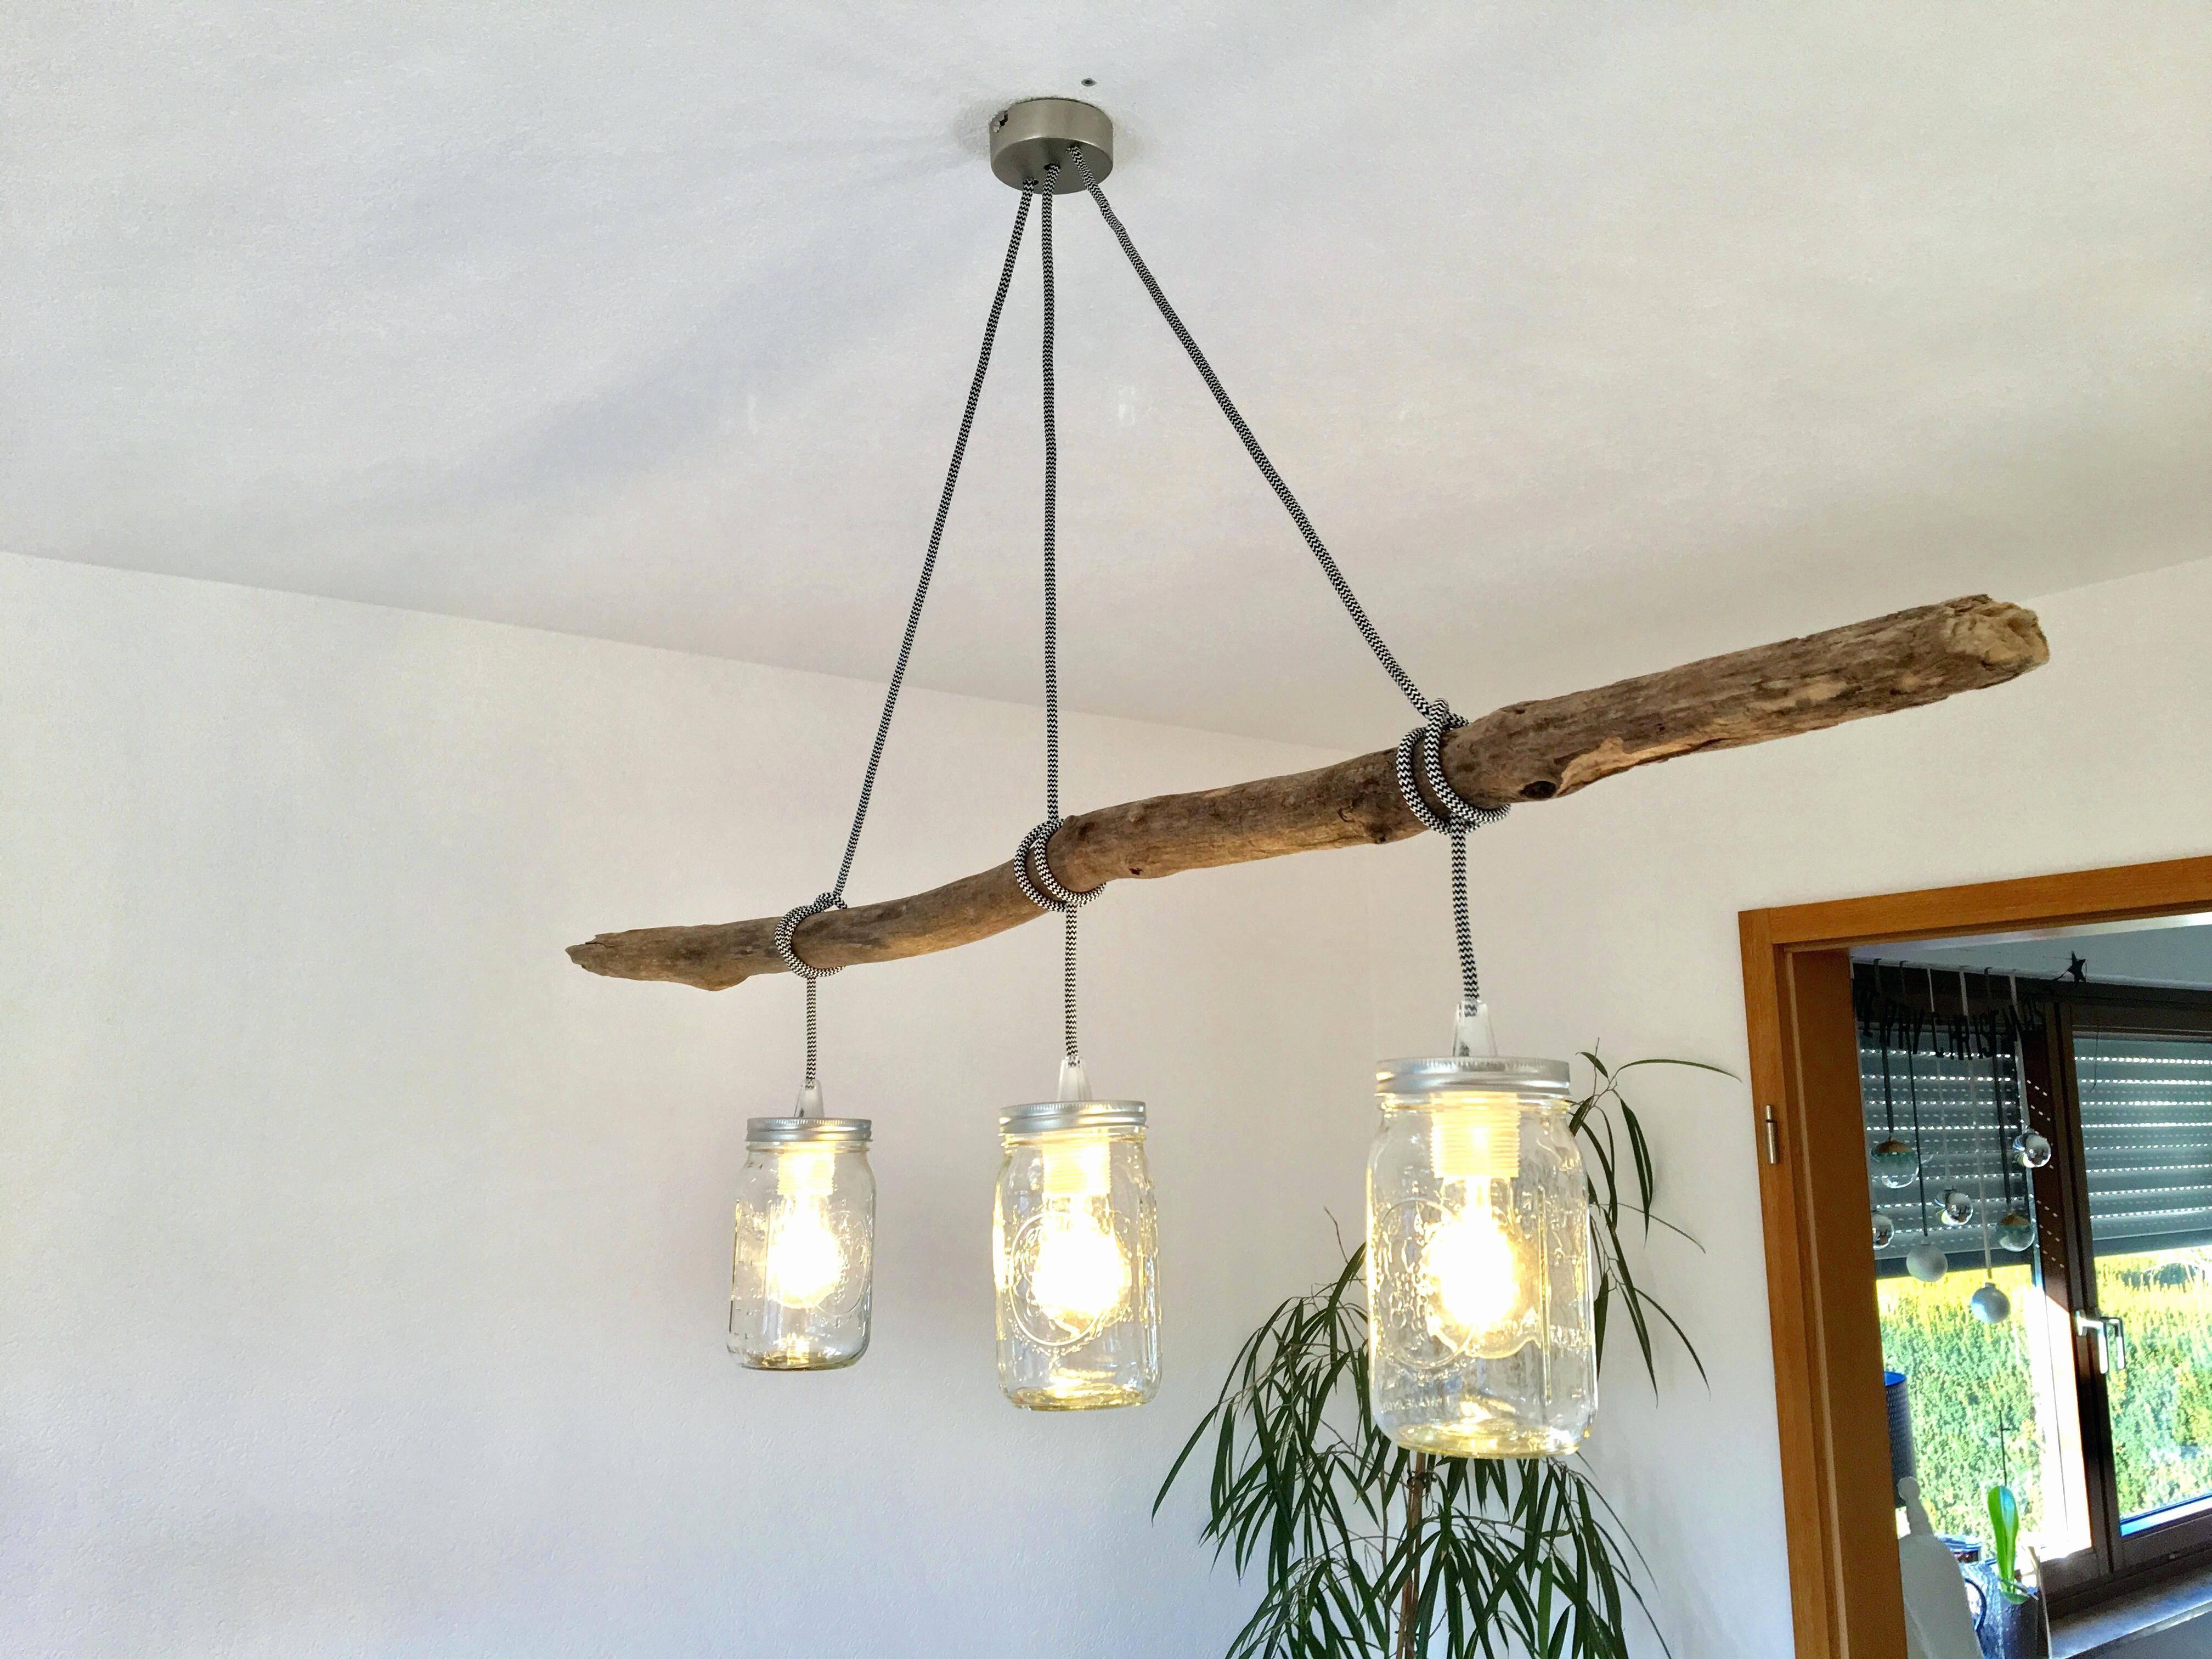 Wohnzimmer lampe, Wohnzimmerlampe Rund – Wohnzimmerlampe Rund. Die